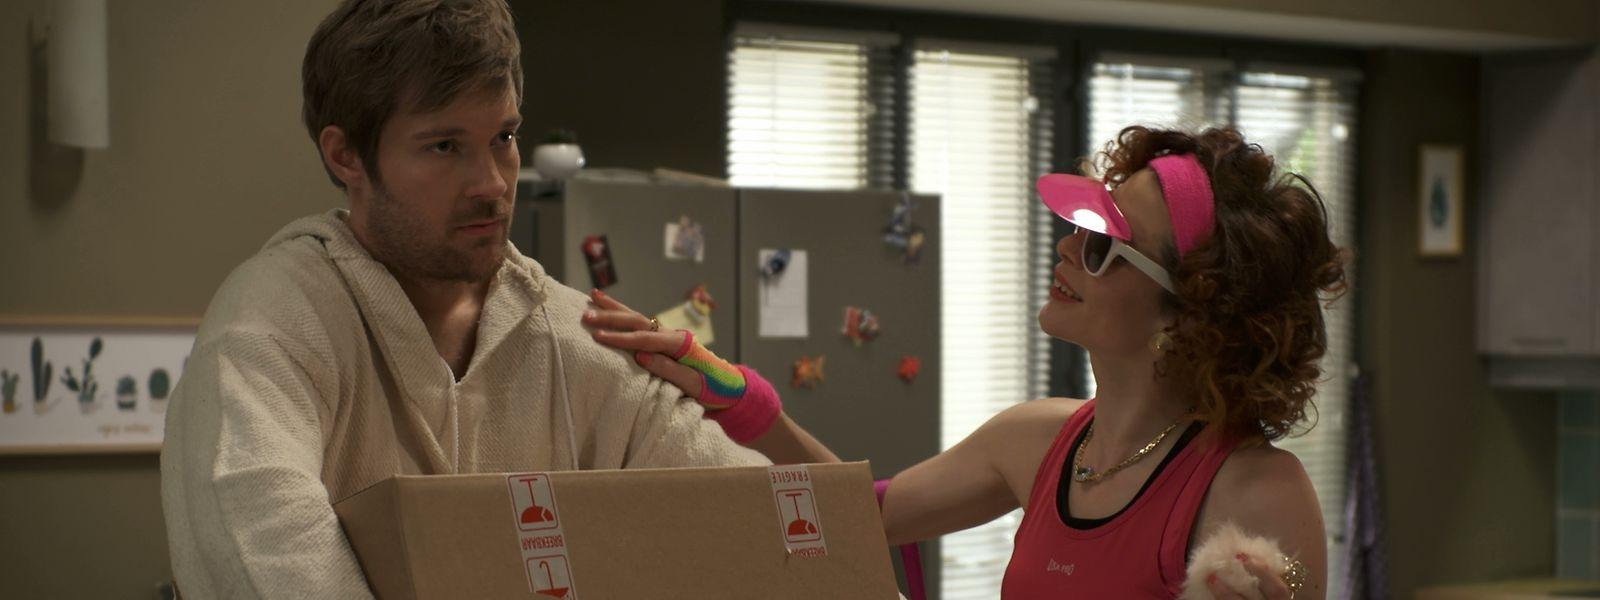 Mit der Unterstützung seiner Ex-Schwiegermutter Valerie (Fabienne Elaine Hollwege) hat Max (Tommy Schlesser) nach dem Auszug seiner Frau schnell einen Mitbewohner gefunden.